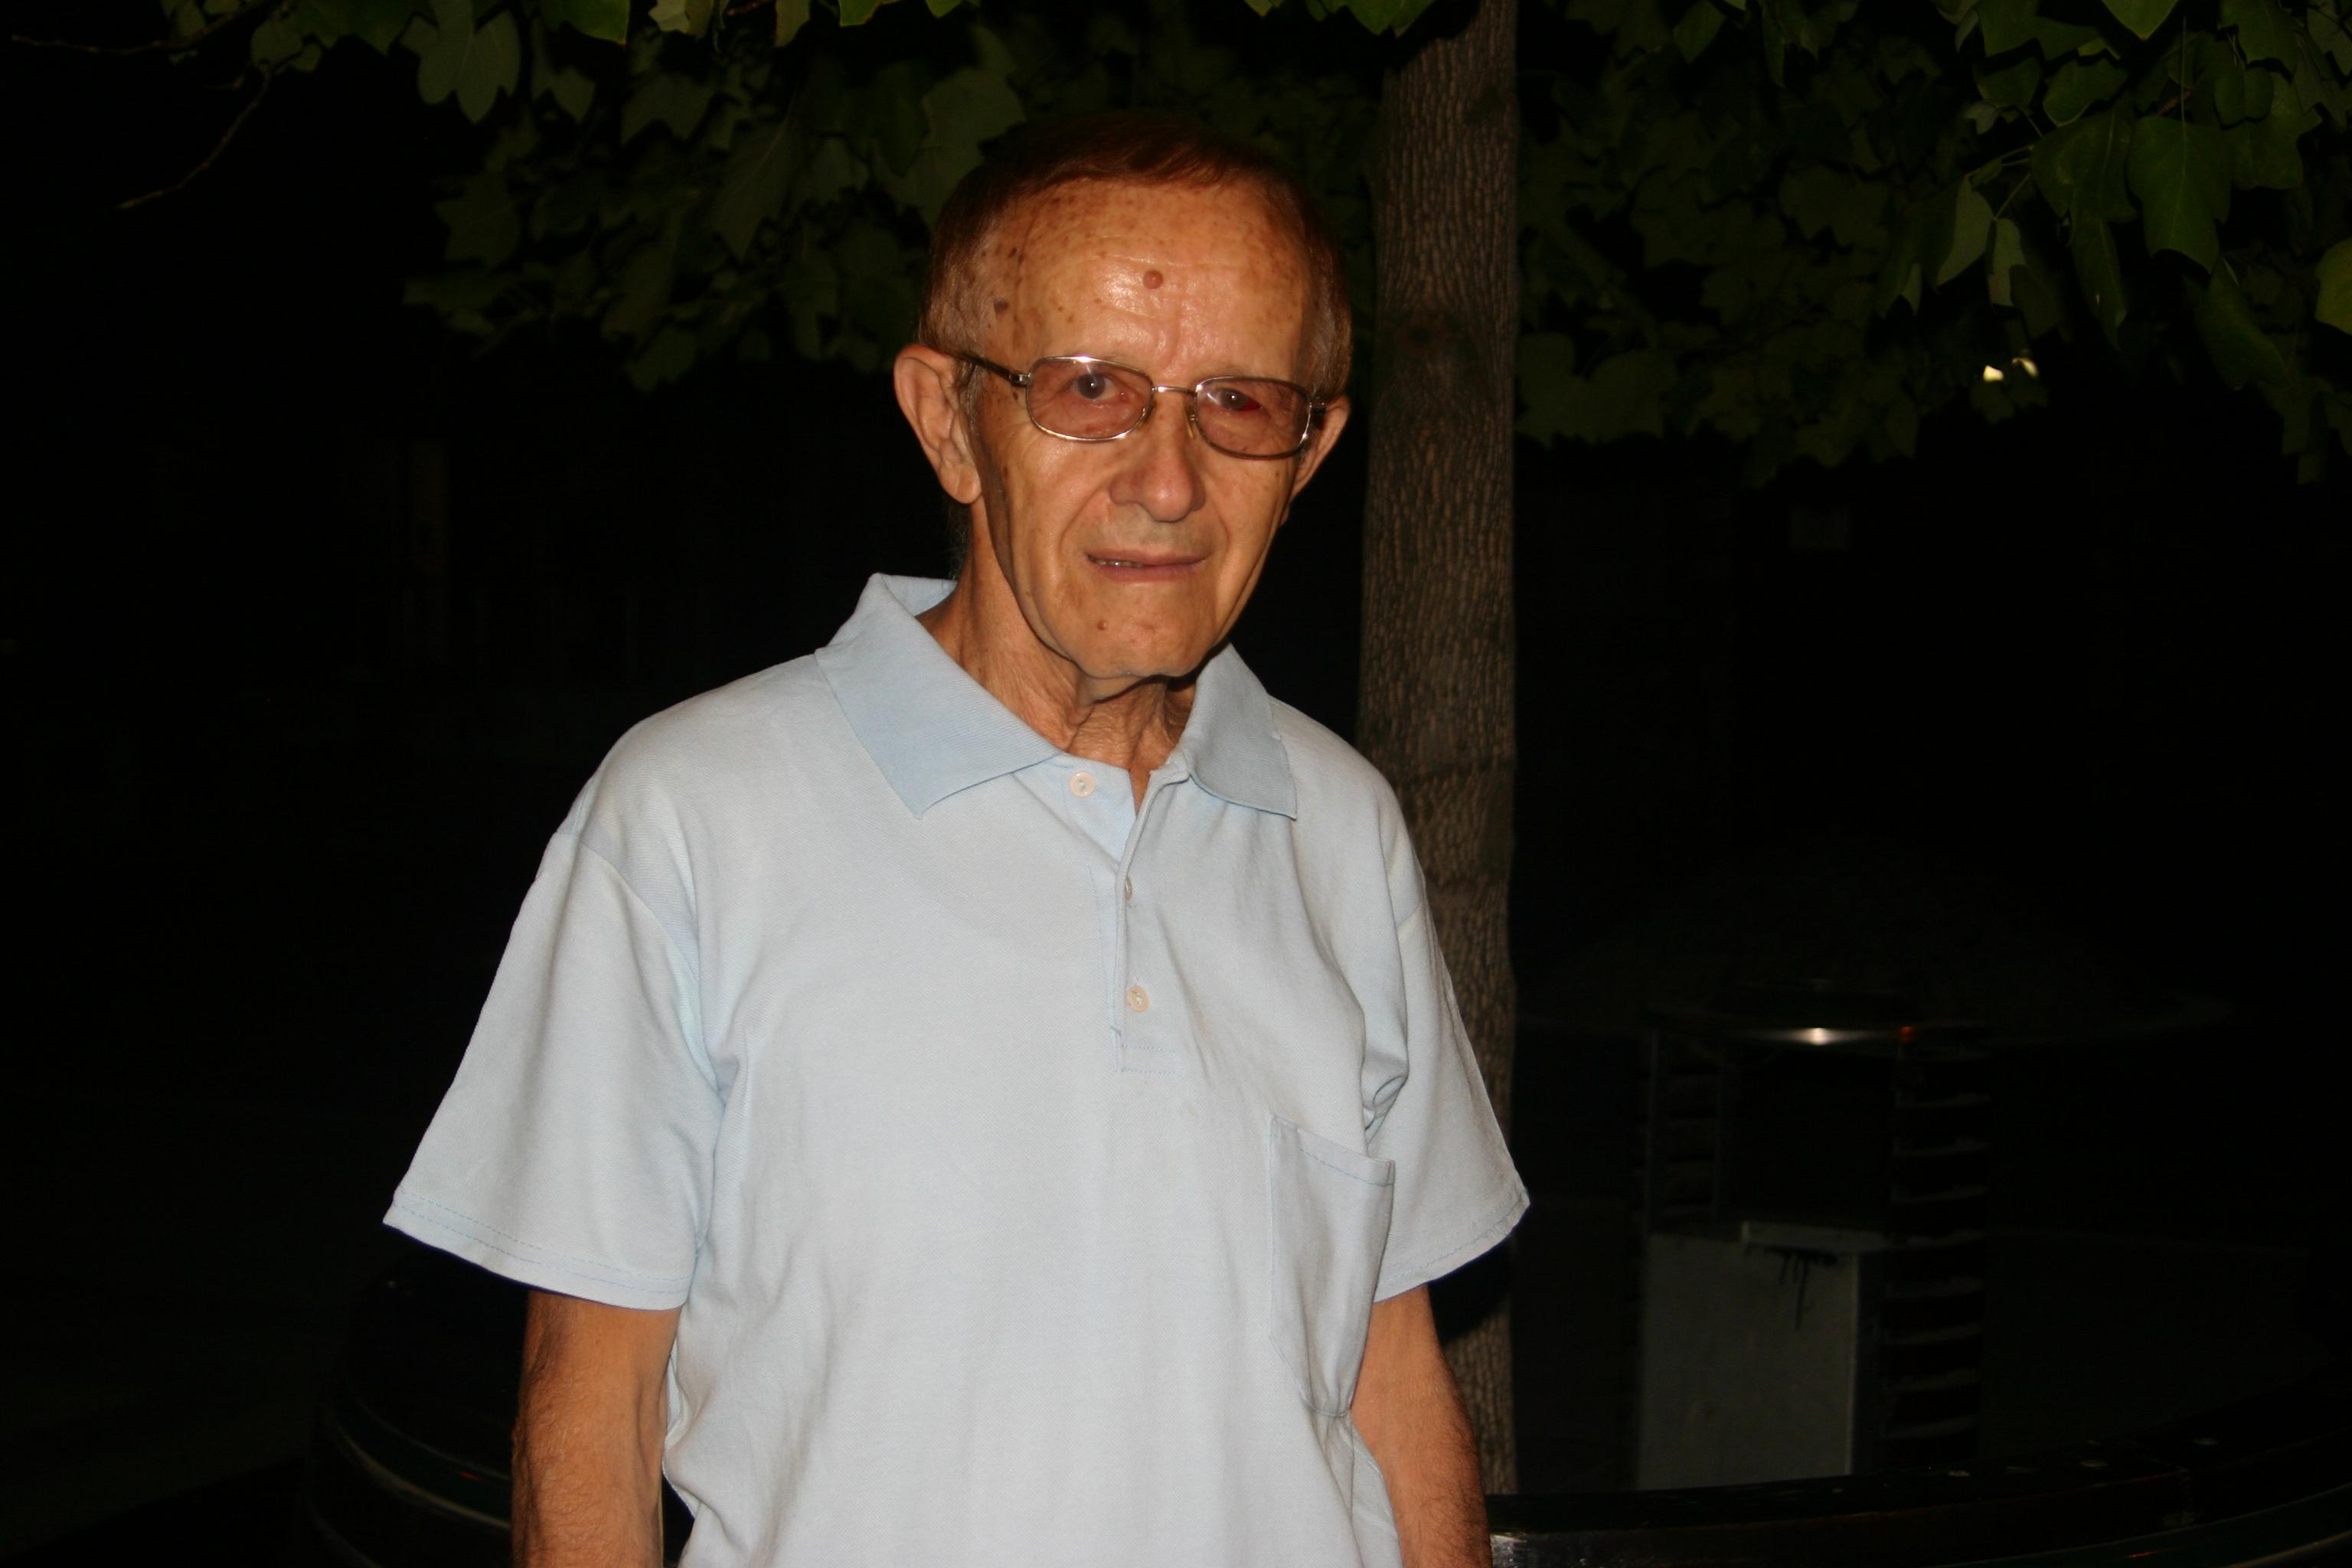 Lambro Bandilov